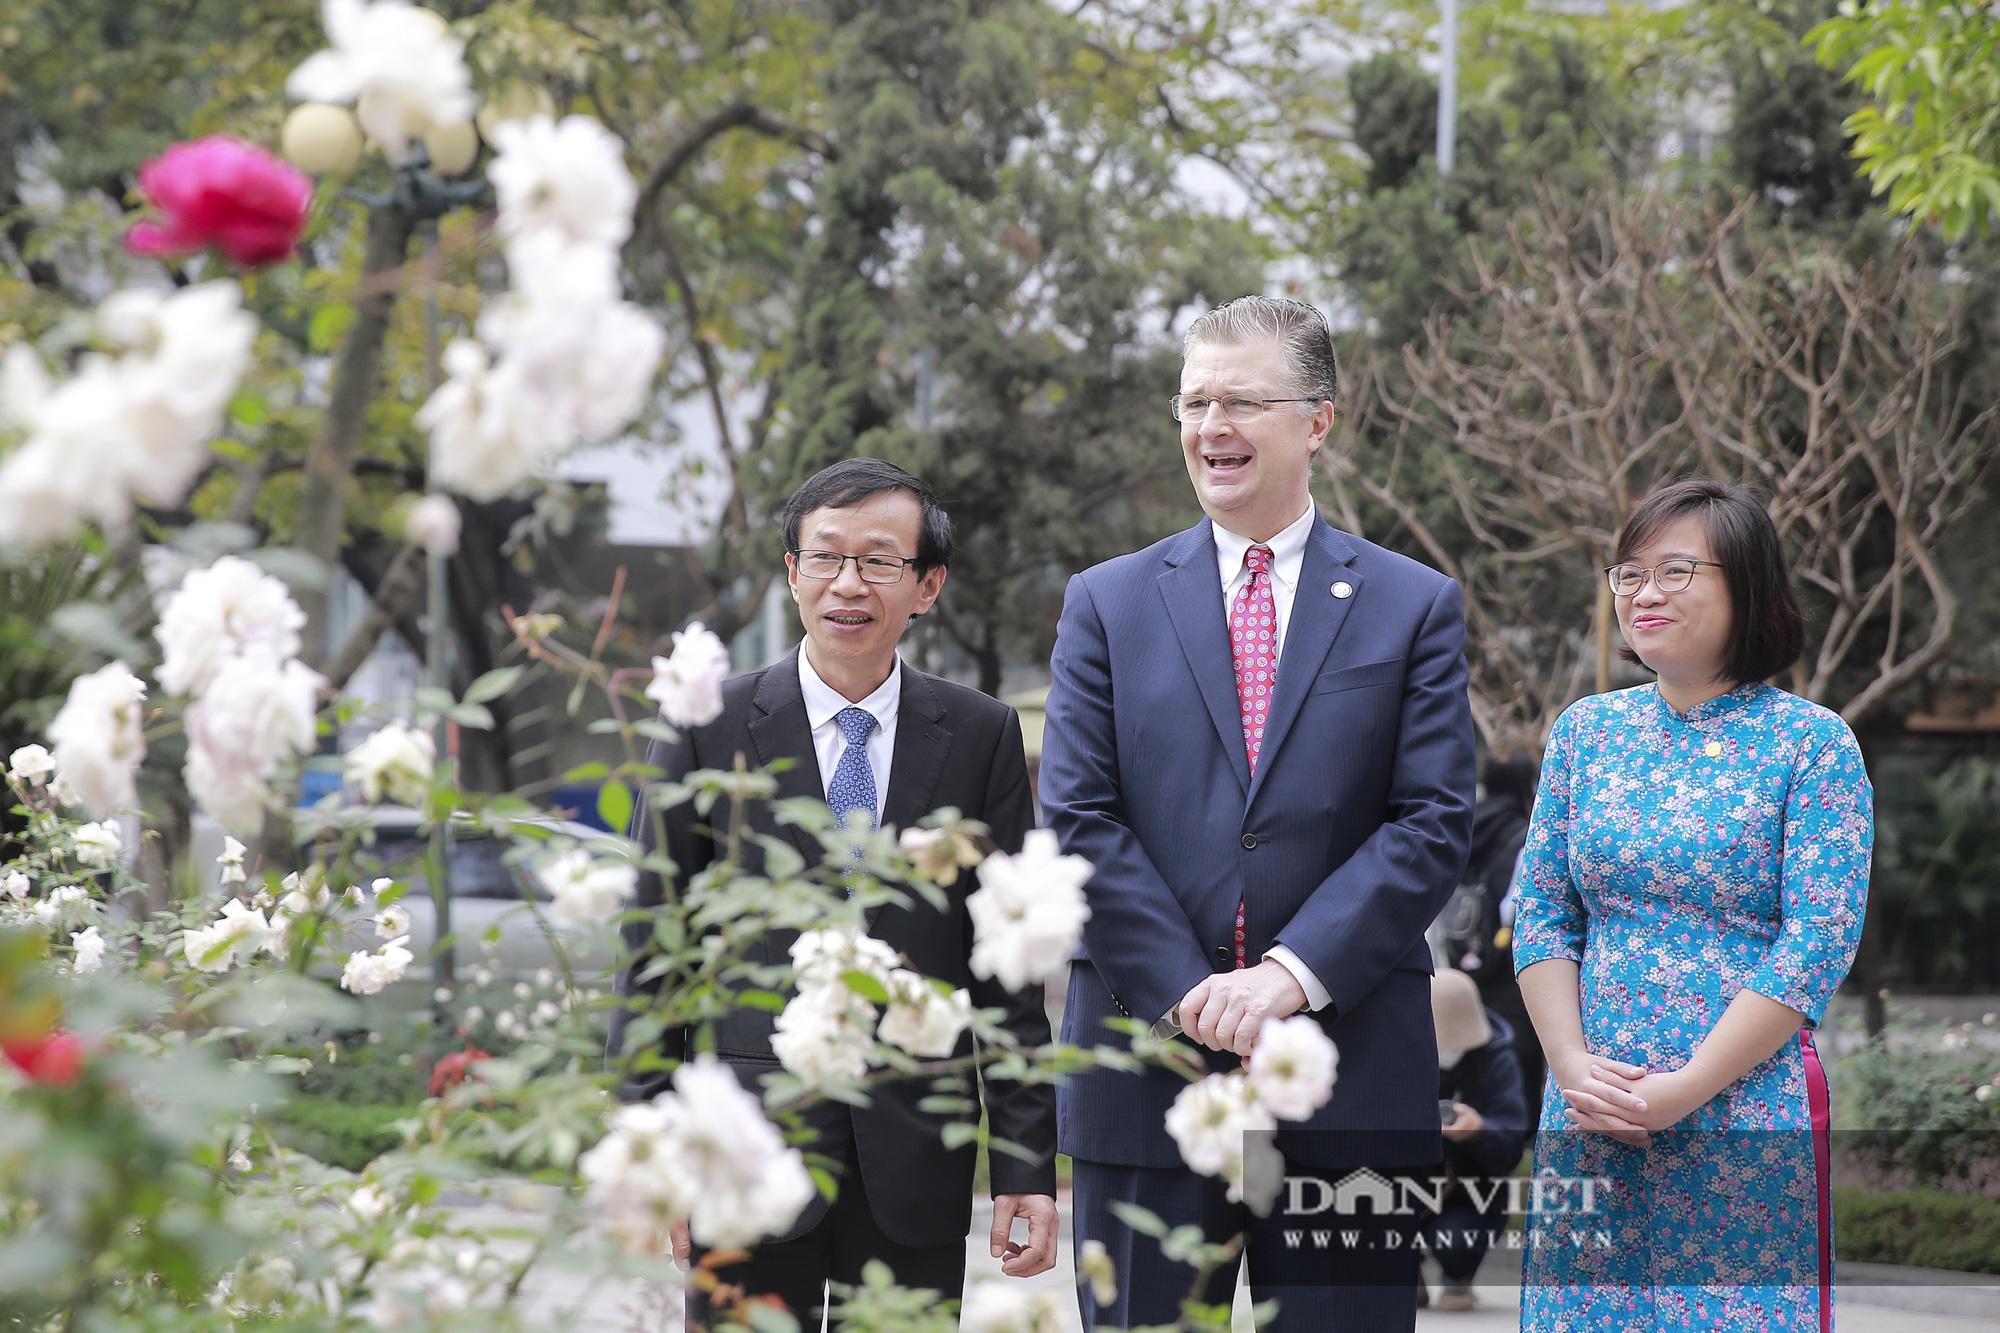 """Đại sứ Hoa Kỳ trao tặng cây đào đặc biệt tại nơi đào tạo ra những """"người lái đò"""" - Ảnh 8."""